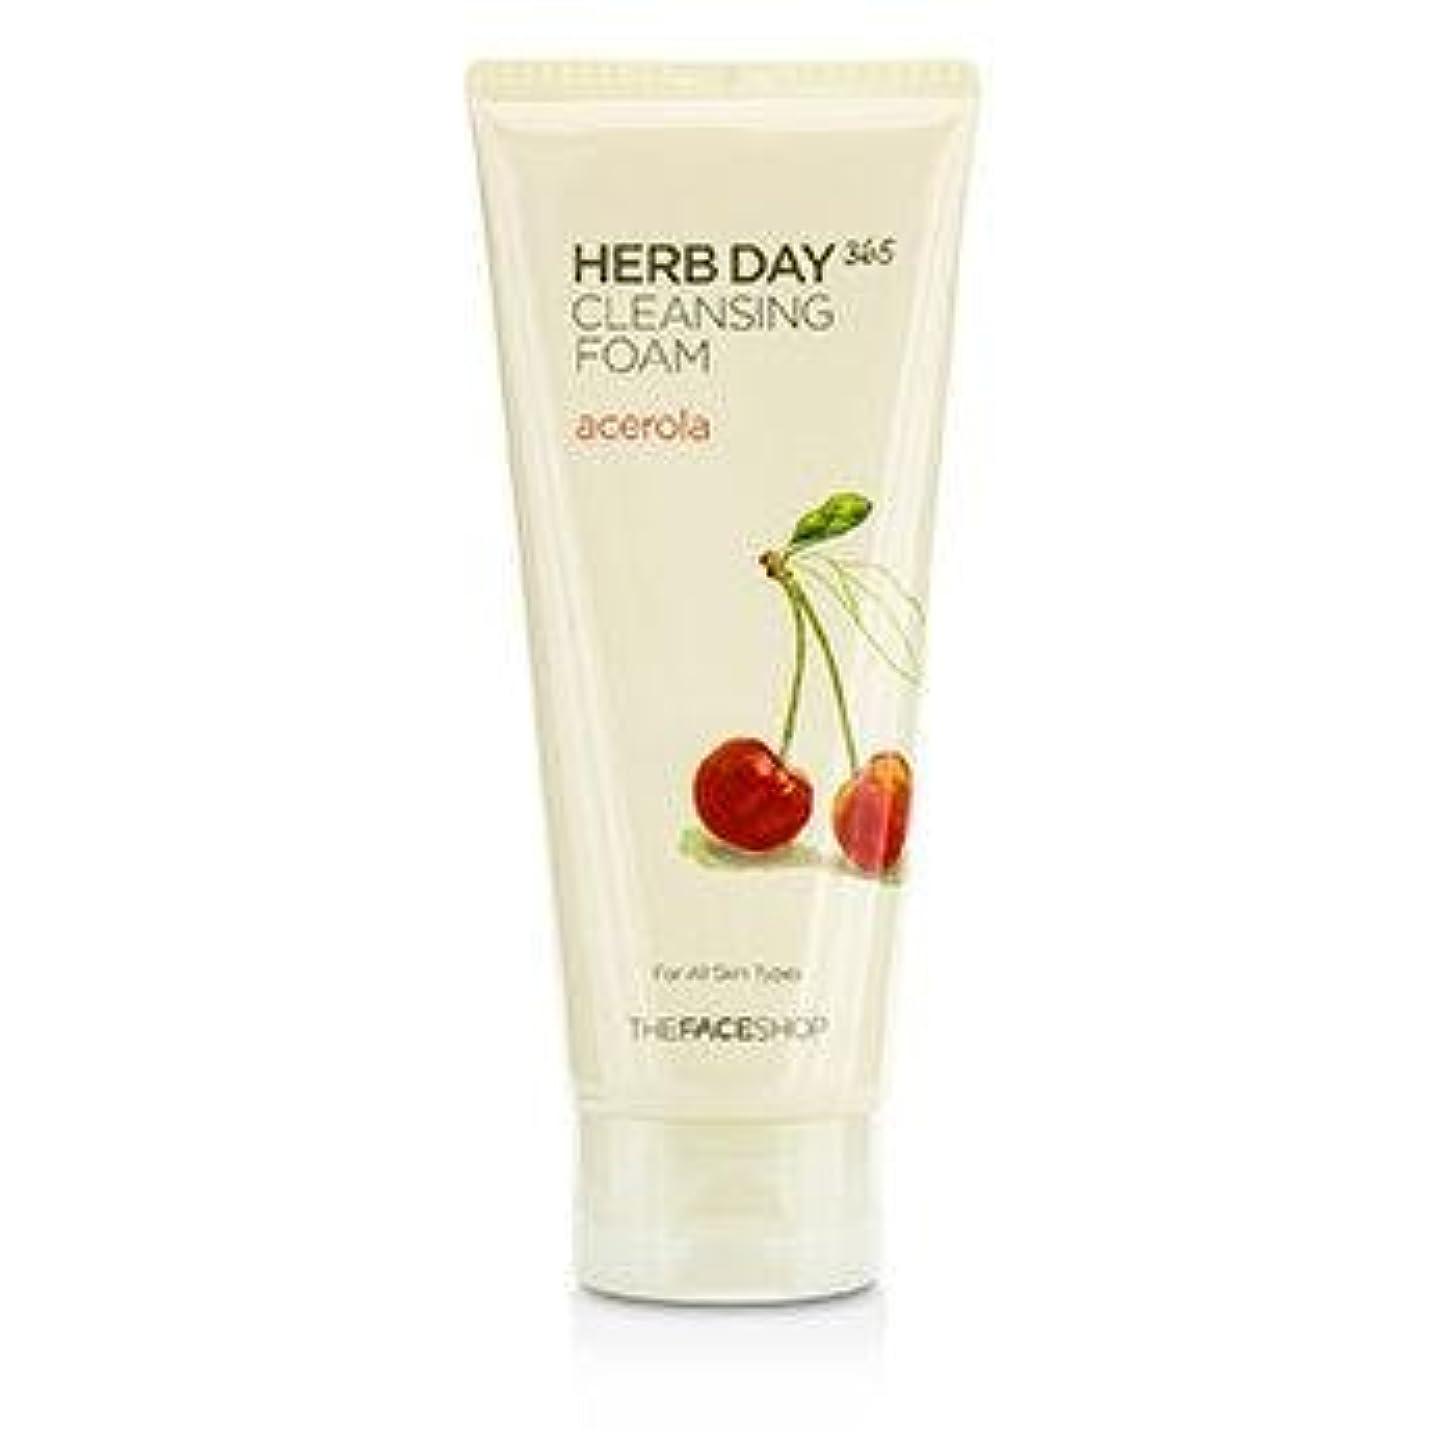 中央しみボイコットTHE FACE SHOP Herb Day 365 Cleansing Foam Acerola (並行輸入品)